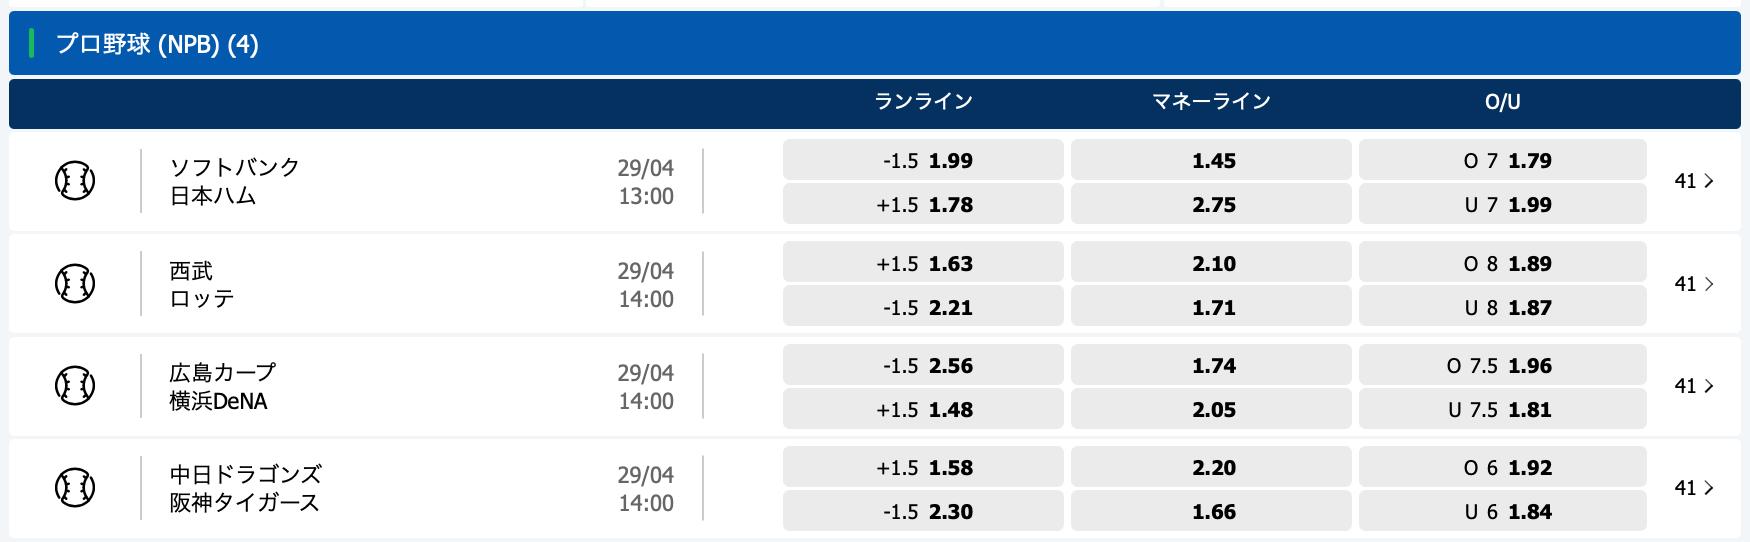 2021年4月29日プロ野球オッズ・10bet Japan